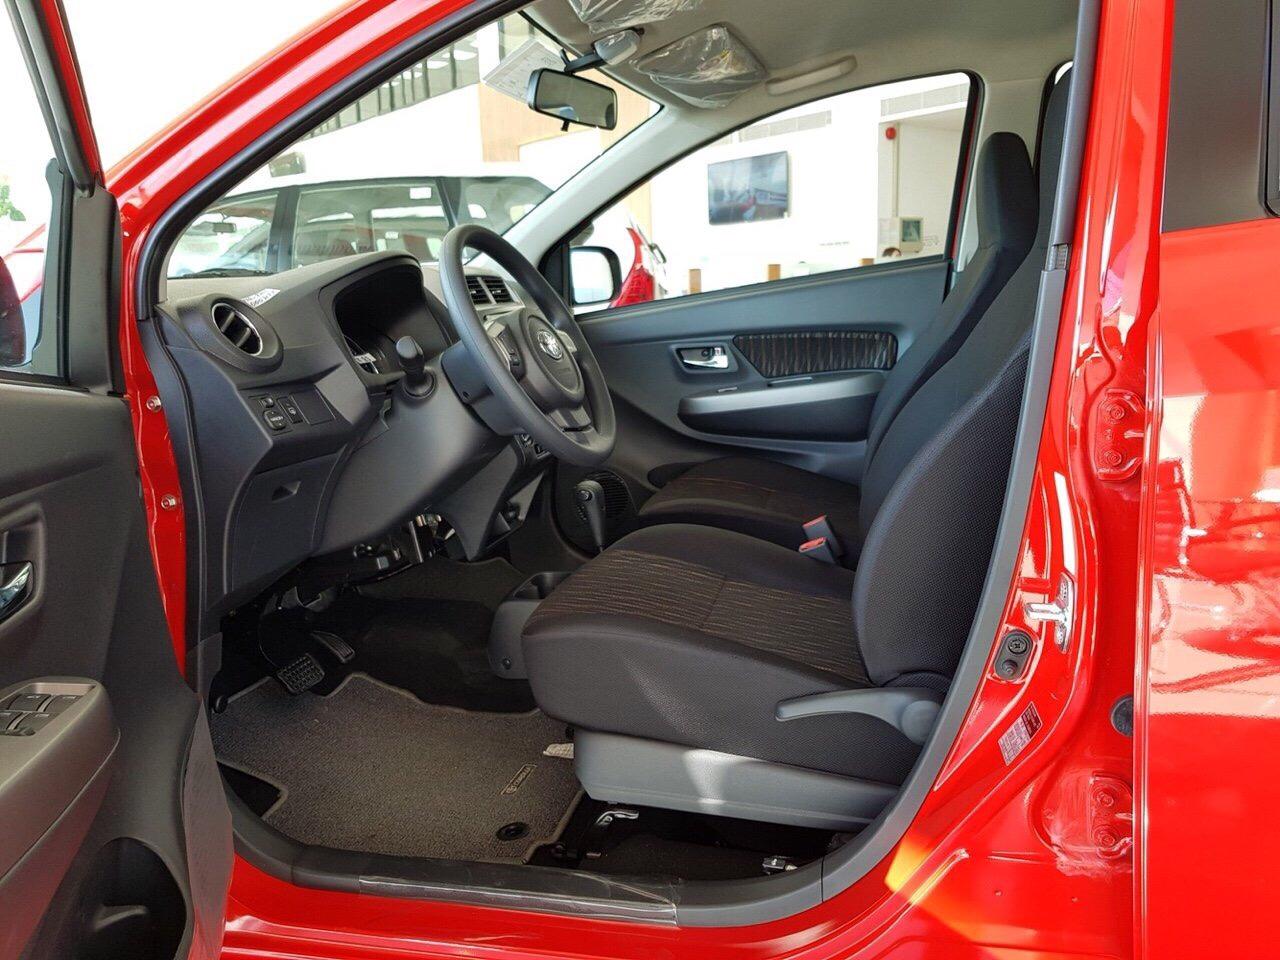 Hình ảnh xe Wigo màu đỏ ảnh 2 - Toyota Wigo: giá xe và khuyến mãi tháng [hienthithang]/[hienthinam]